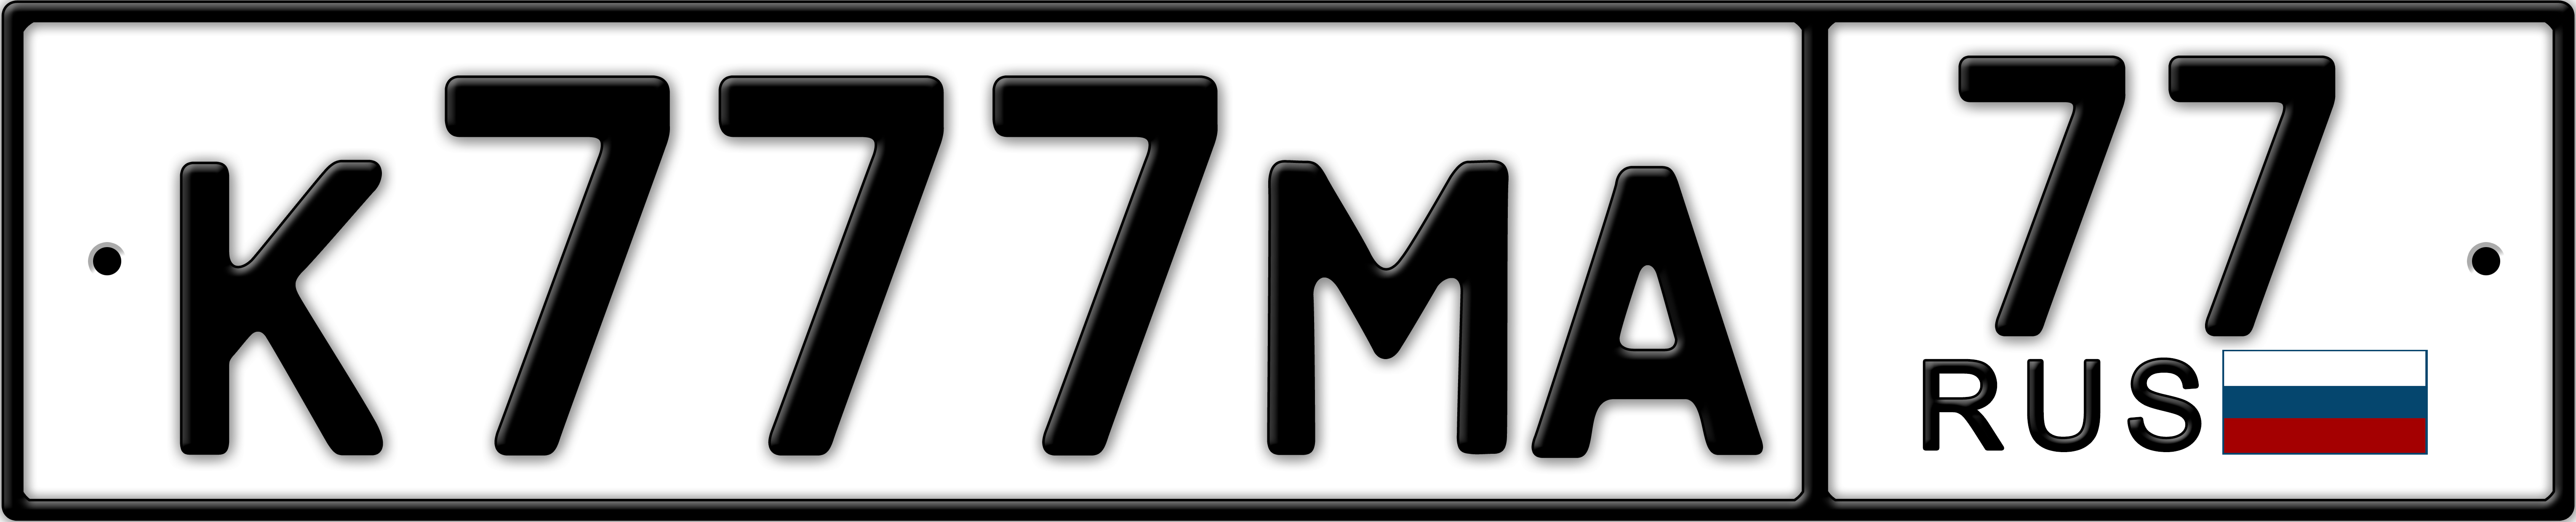 Картинка номер машины для детей